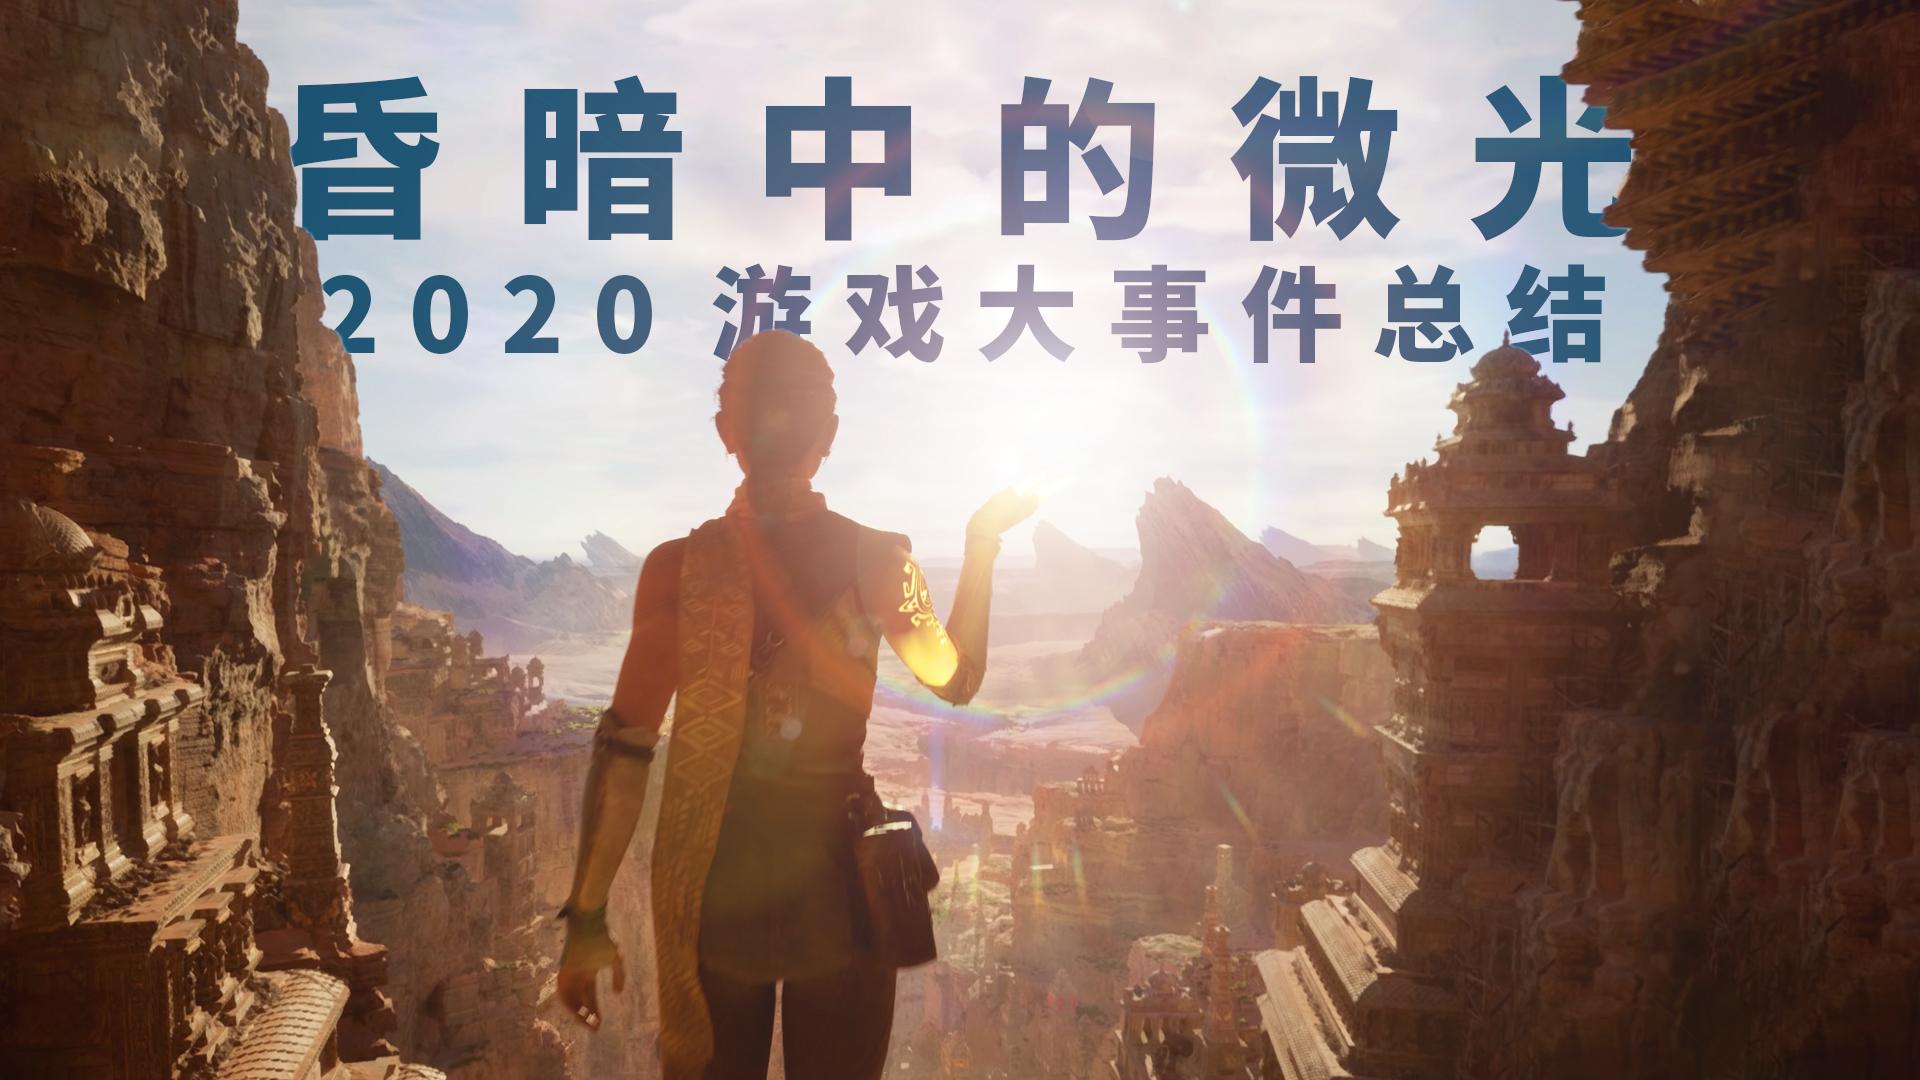 昏暗中的微光:2020游戏大事件总结 【就知道玩游戏126】